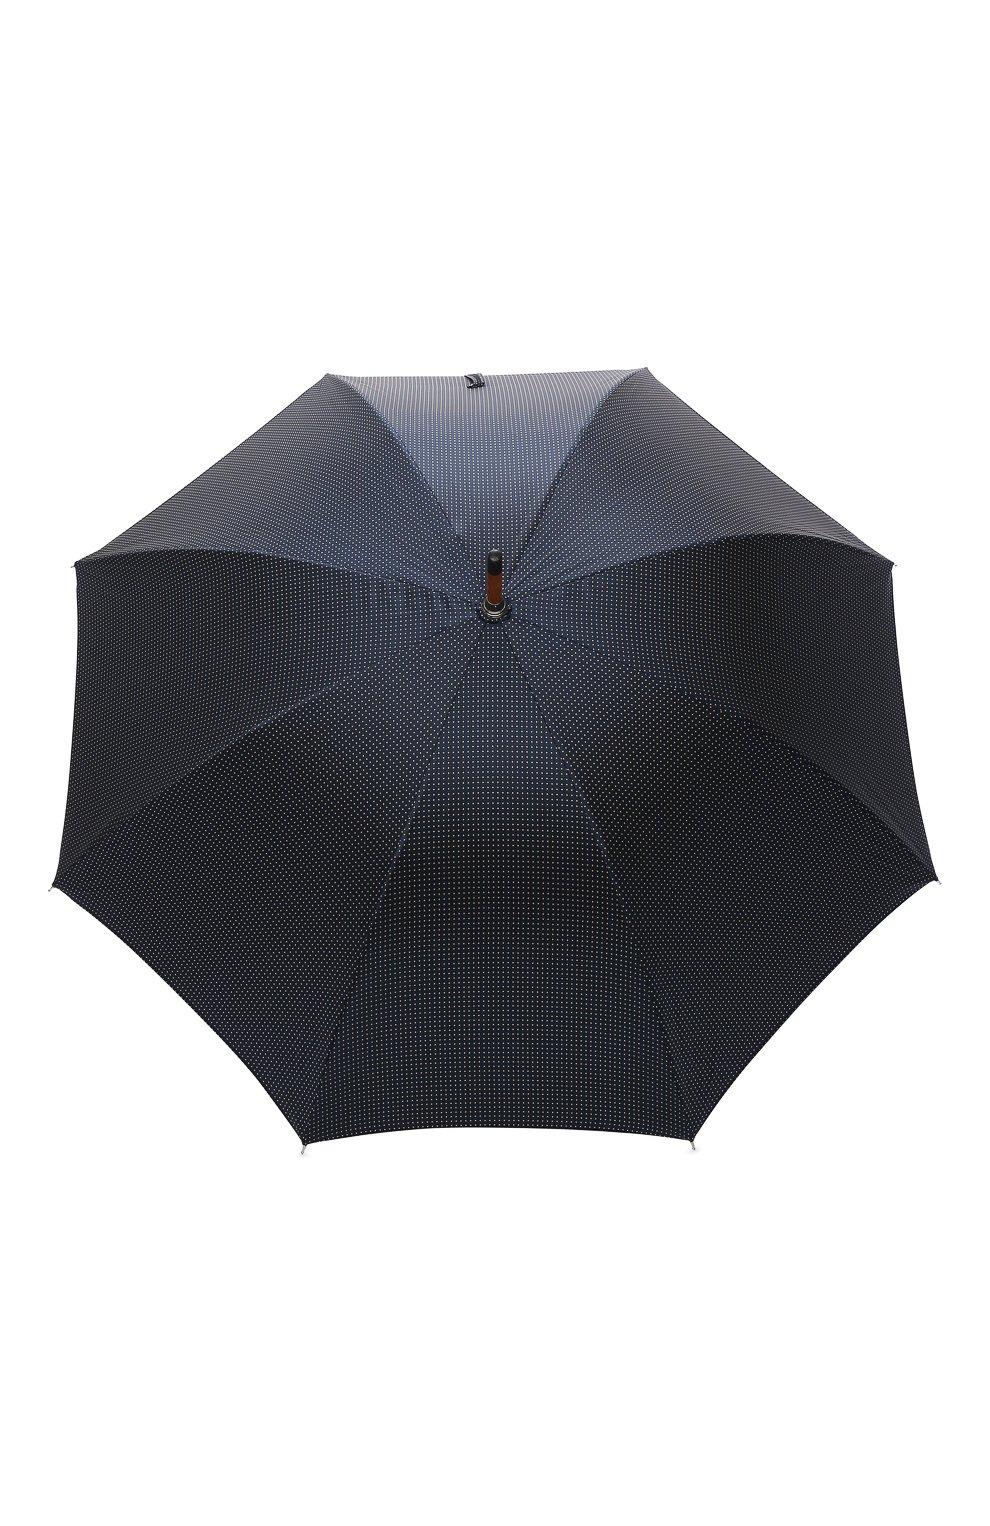 Мужской зонт-трость PASOTTI OMBRELLI темно-синего цвета, арт. 142/PUNT0/4   Фото 1 (Материал: Текстиль, Синтетический материал, Металл)